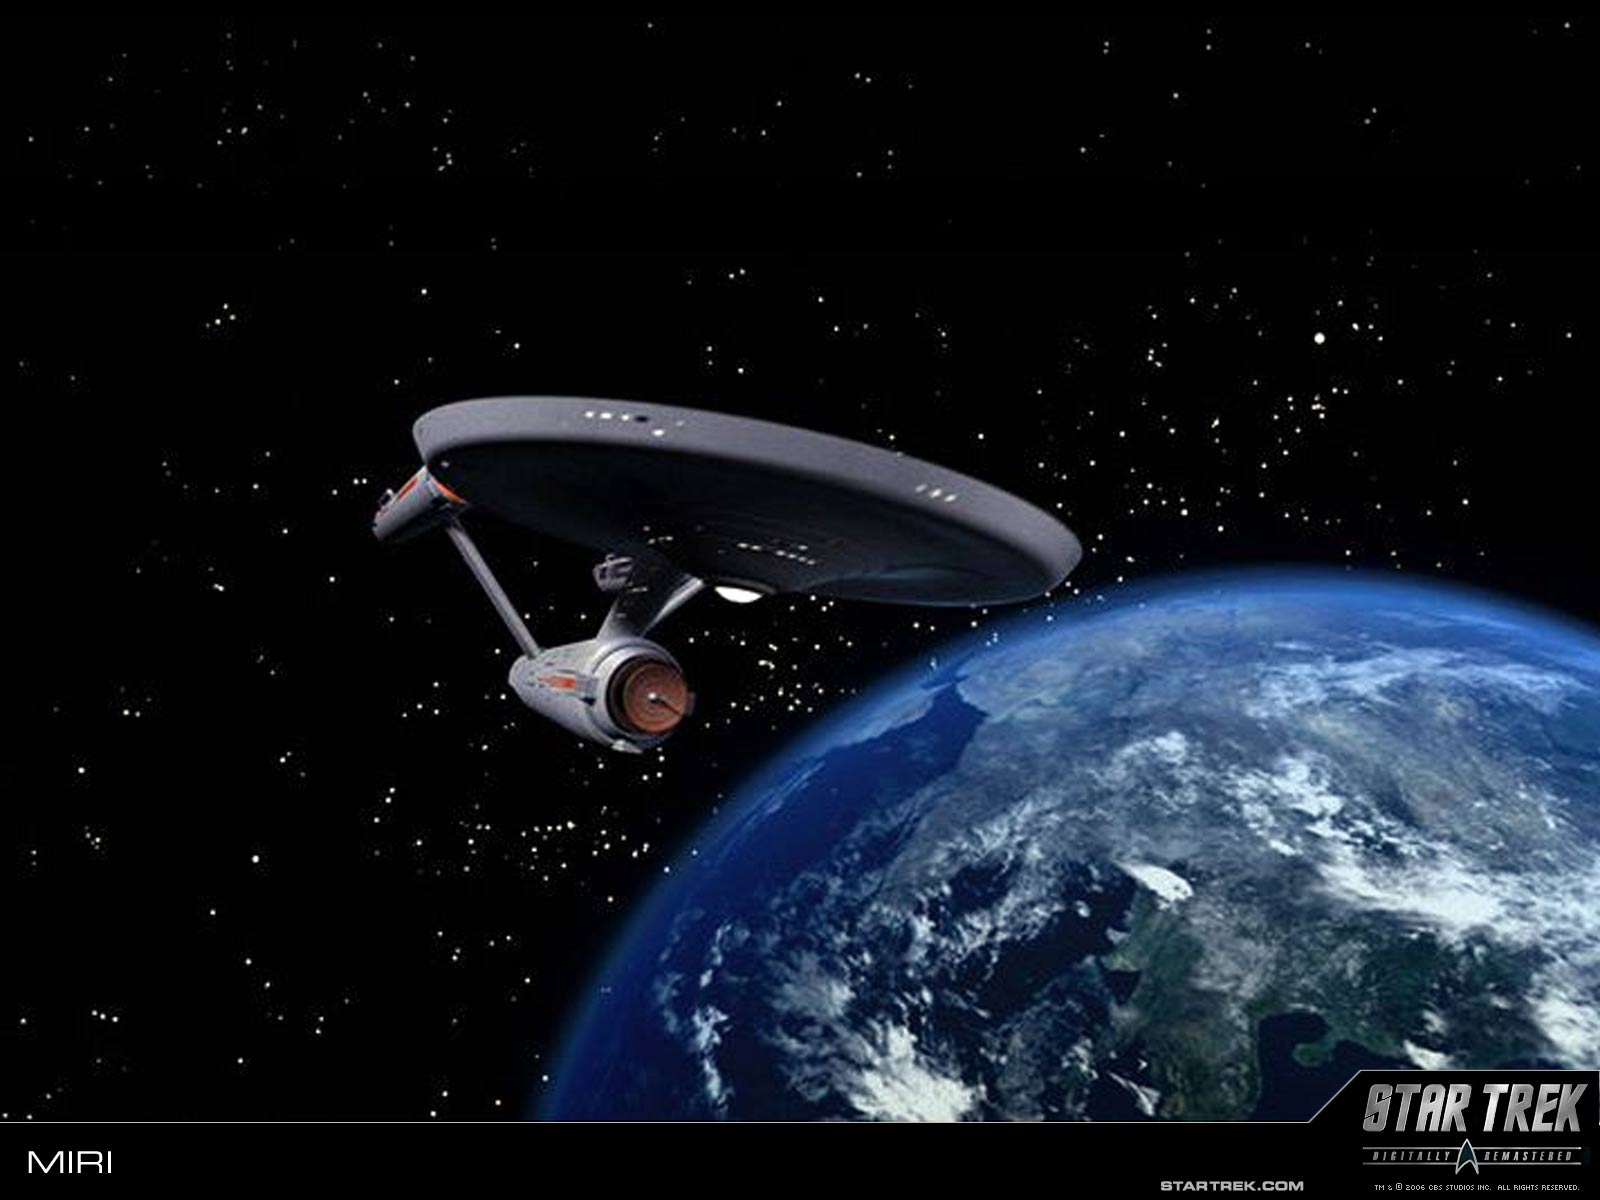 Free Download Wallpapers Trekcore Star Trek Original Series